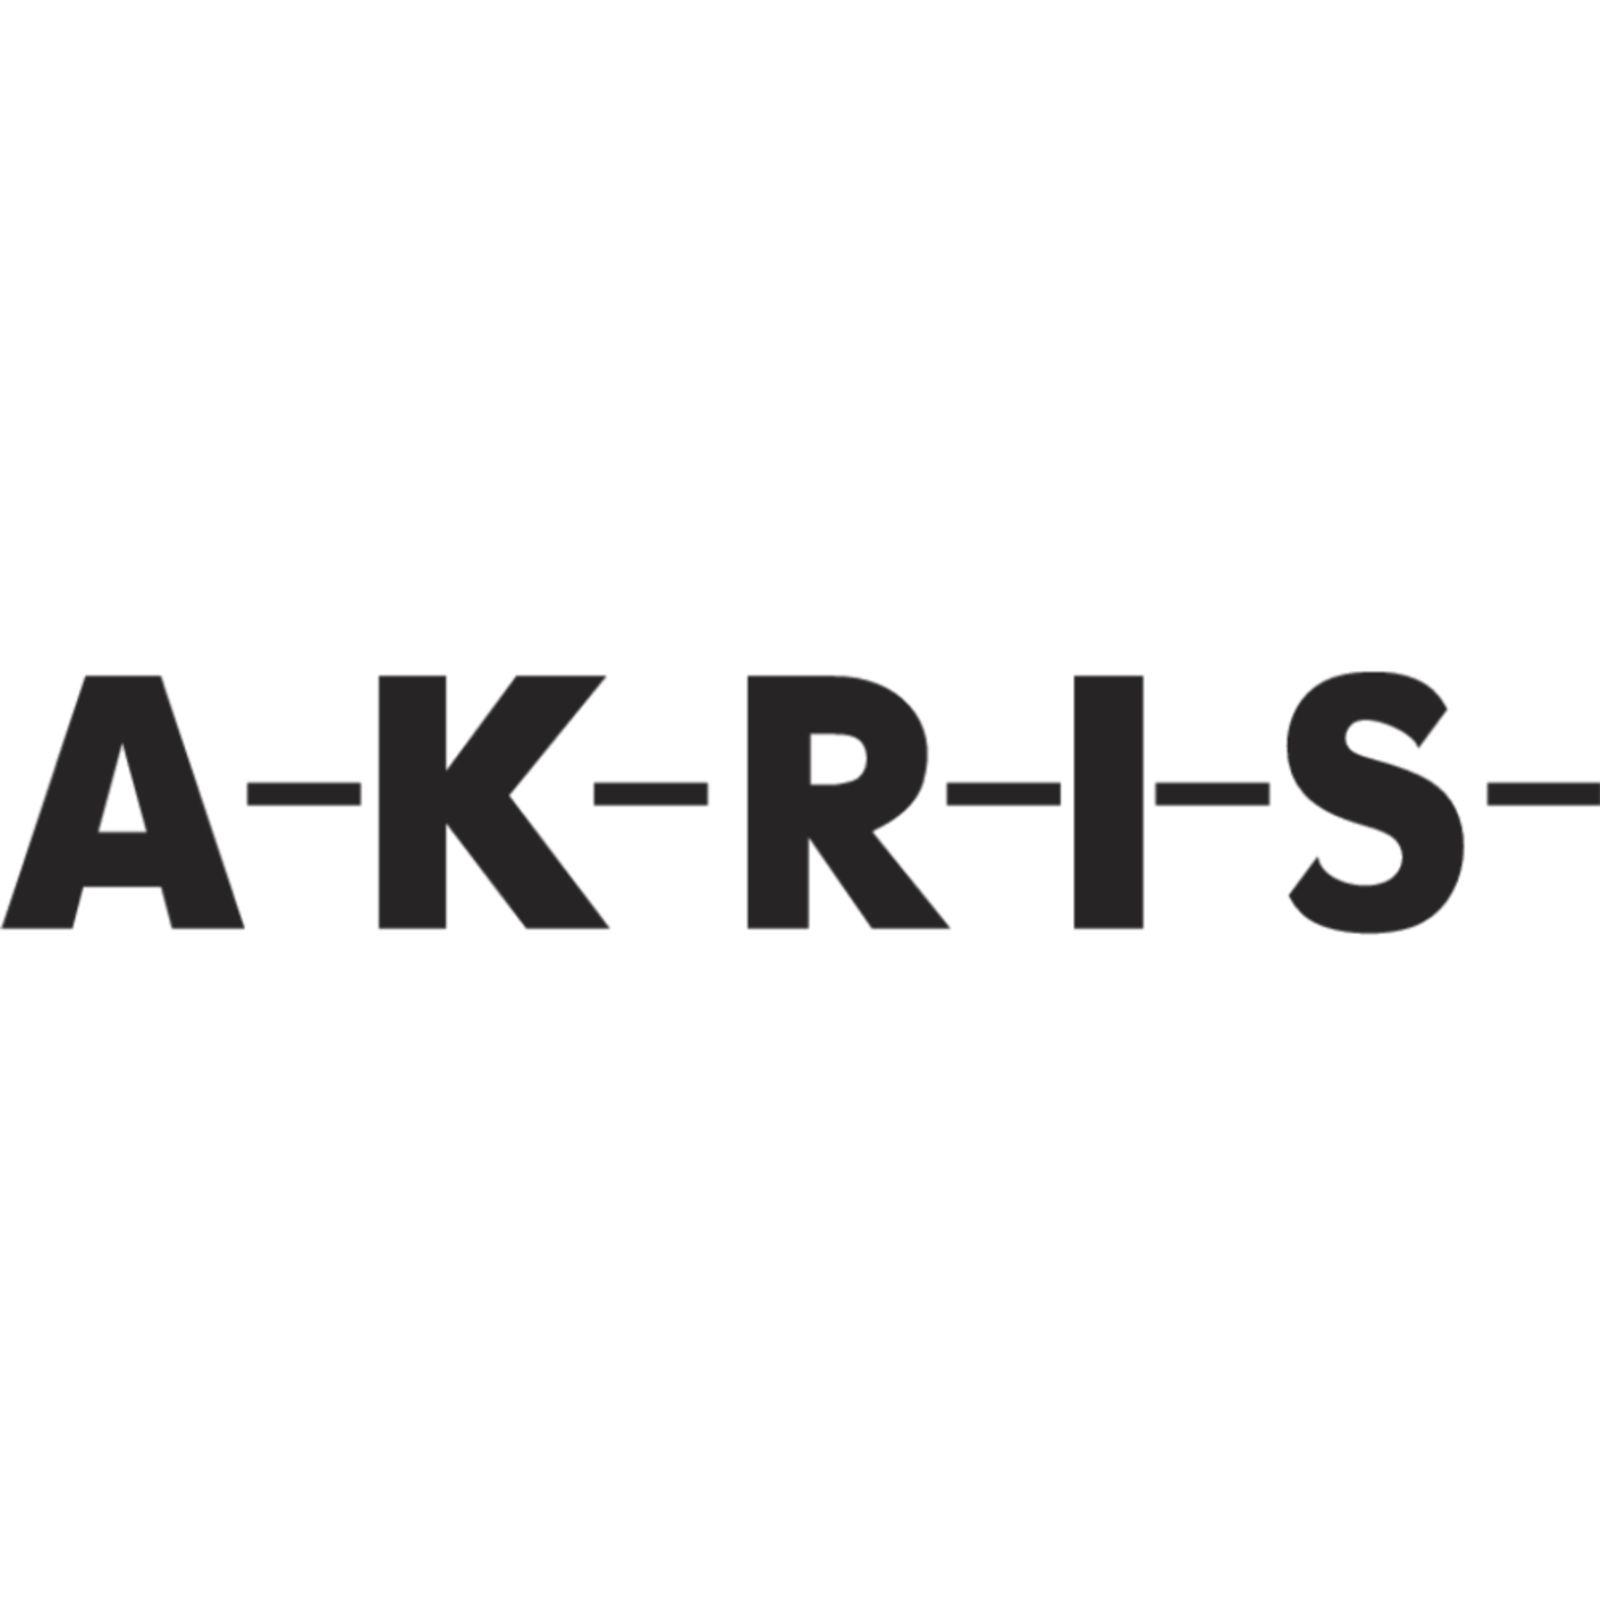 AKRIS (Bild 1)